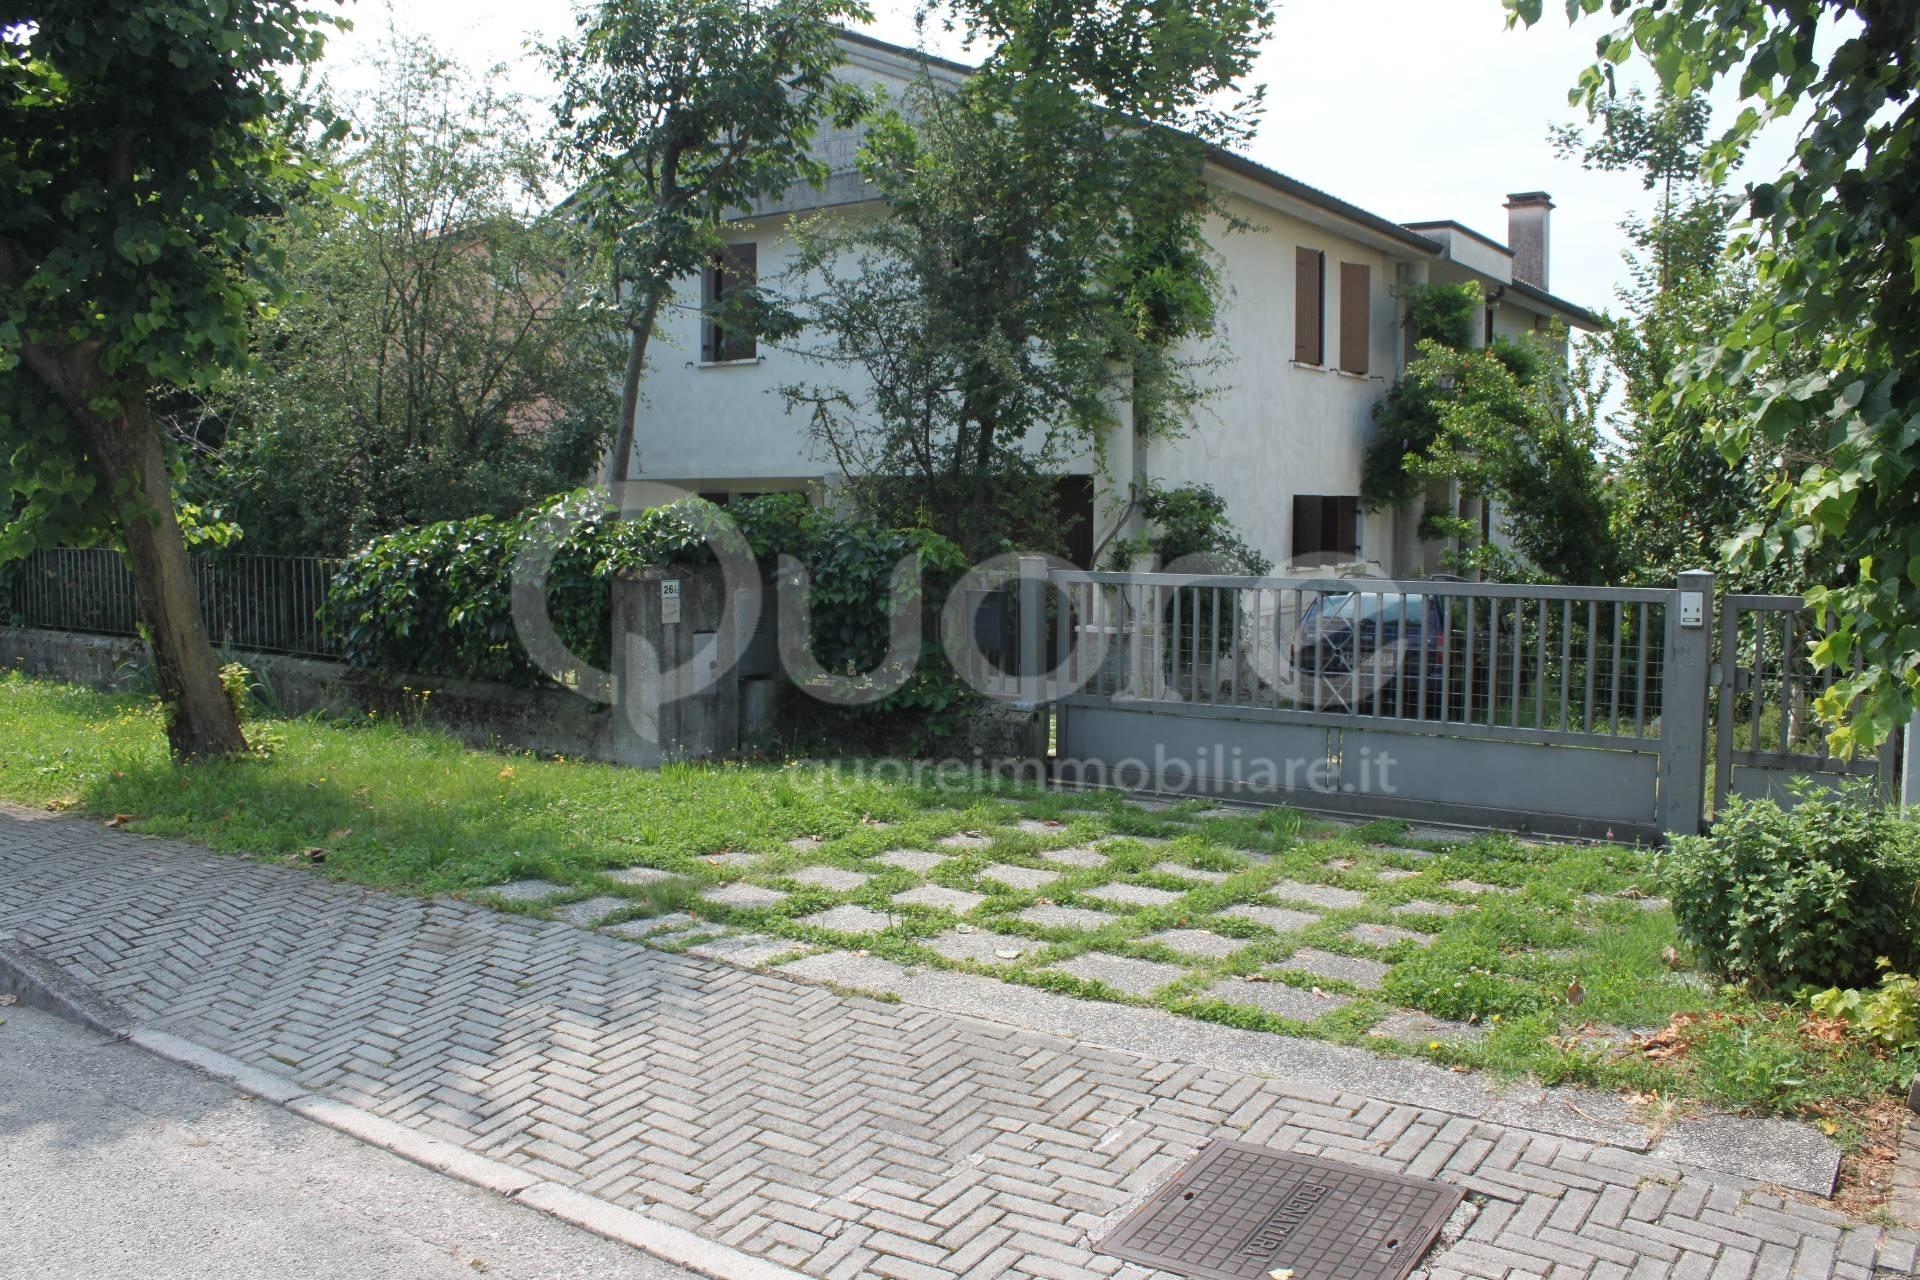 Villa in vendita a San Fior, 5 locali, prezzo € 330.000 | CambioCasa.it